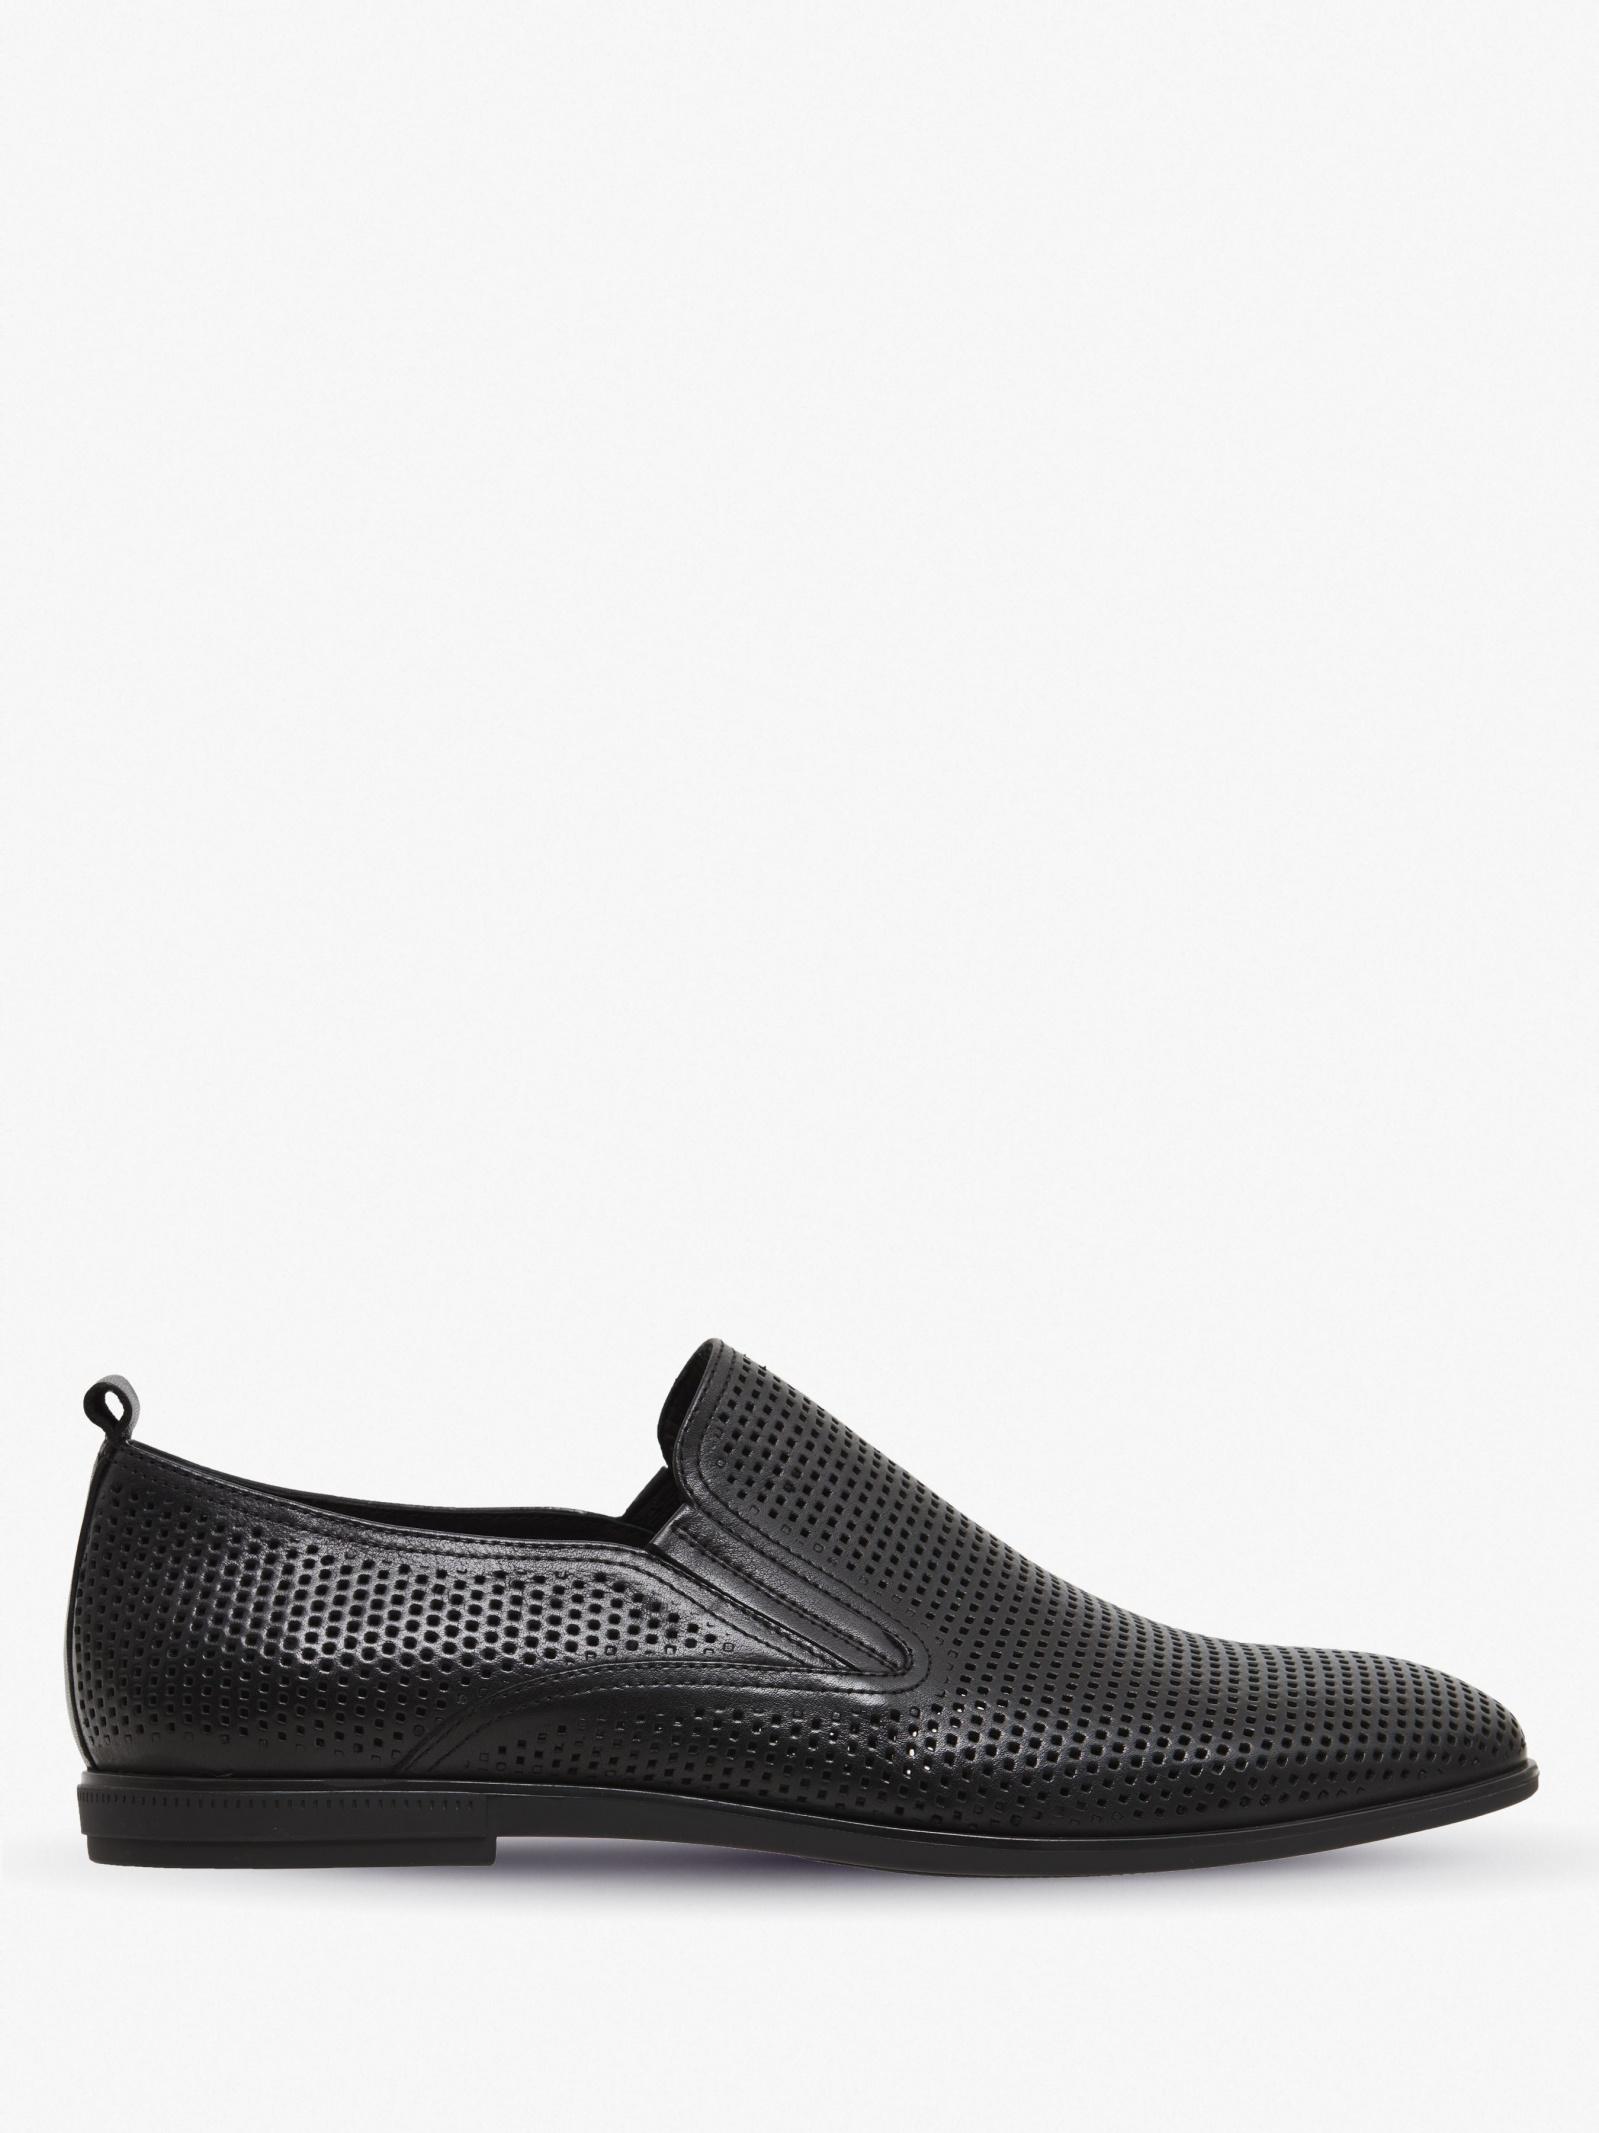 Туфли для мужчин Braska 223-9132/101 продажа, 2017